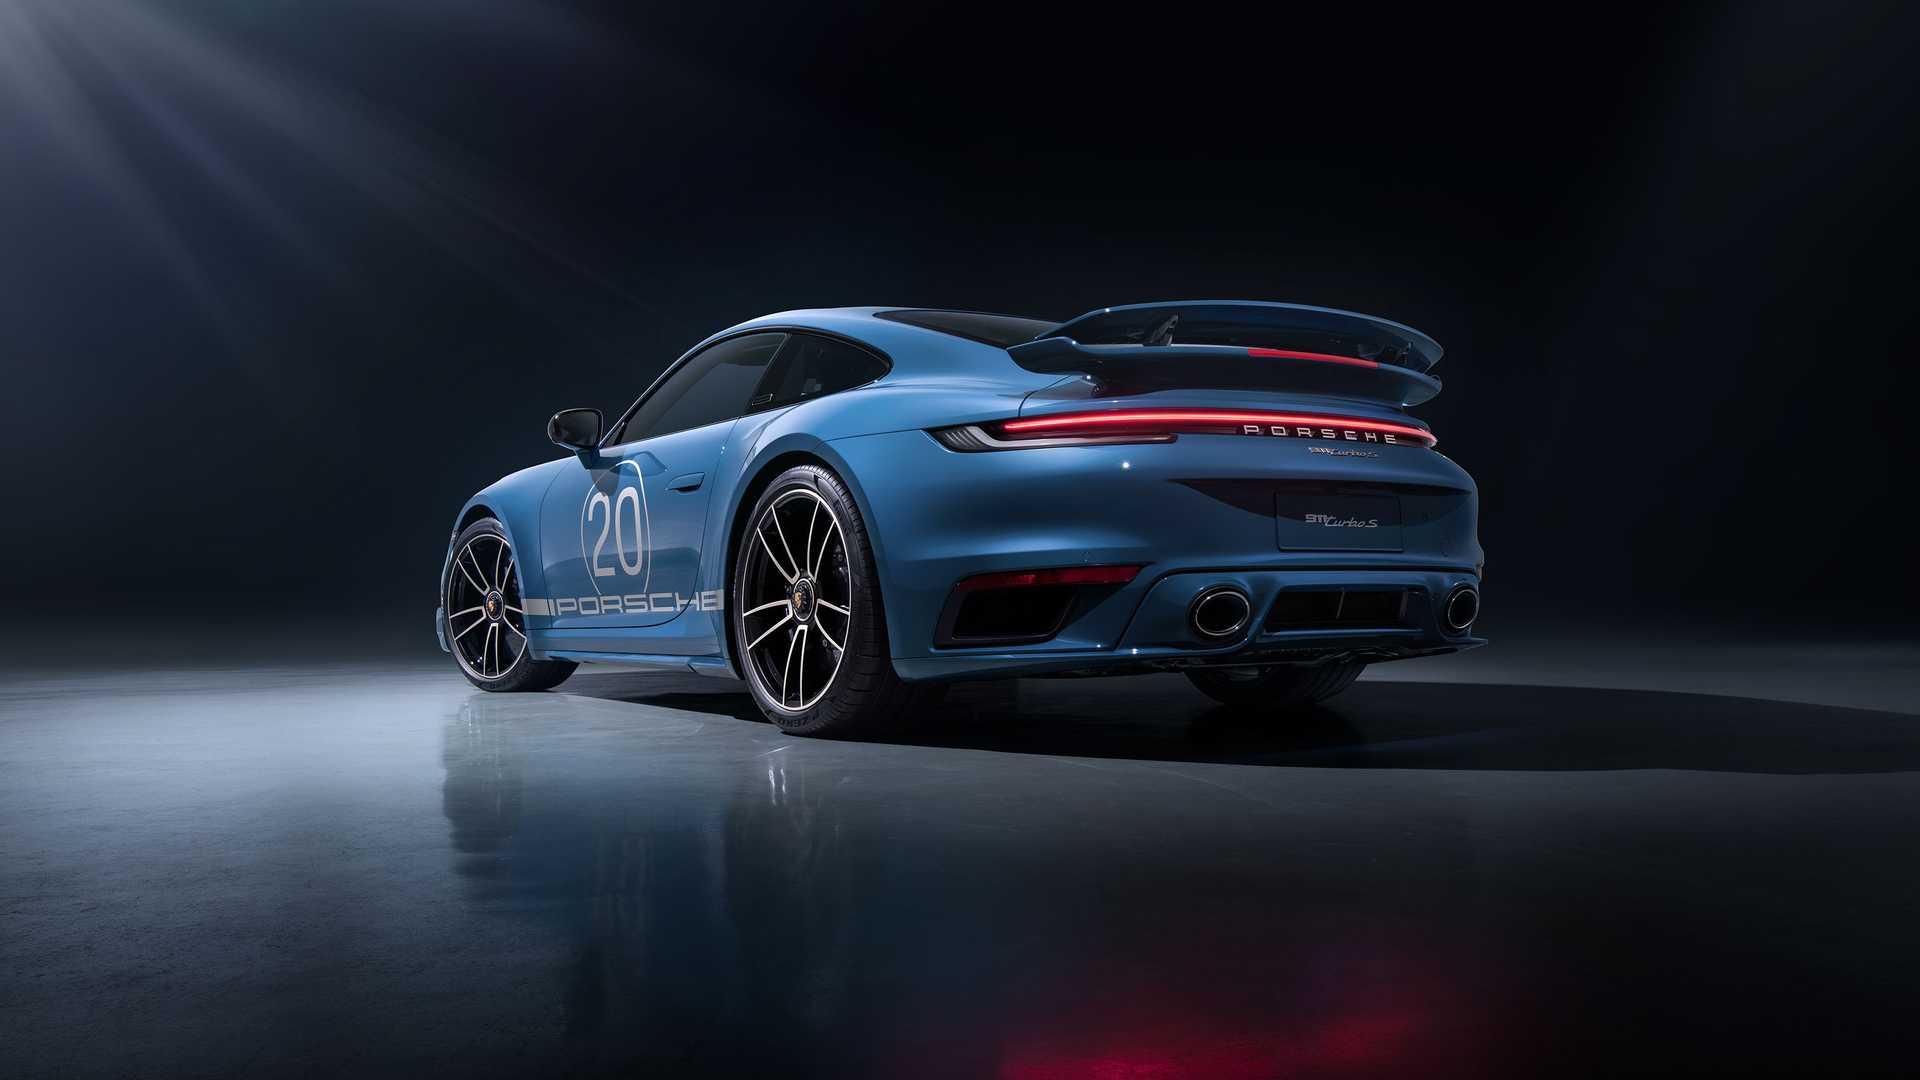 Porsche-911-Turbo-S-20th-Anniversary-Edition-13